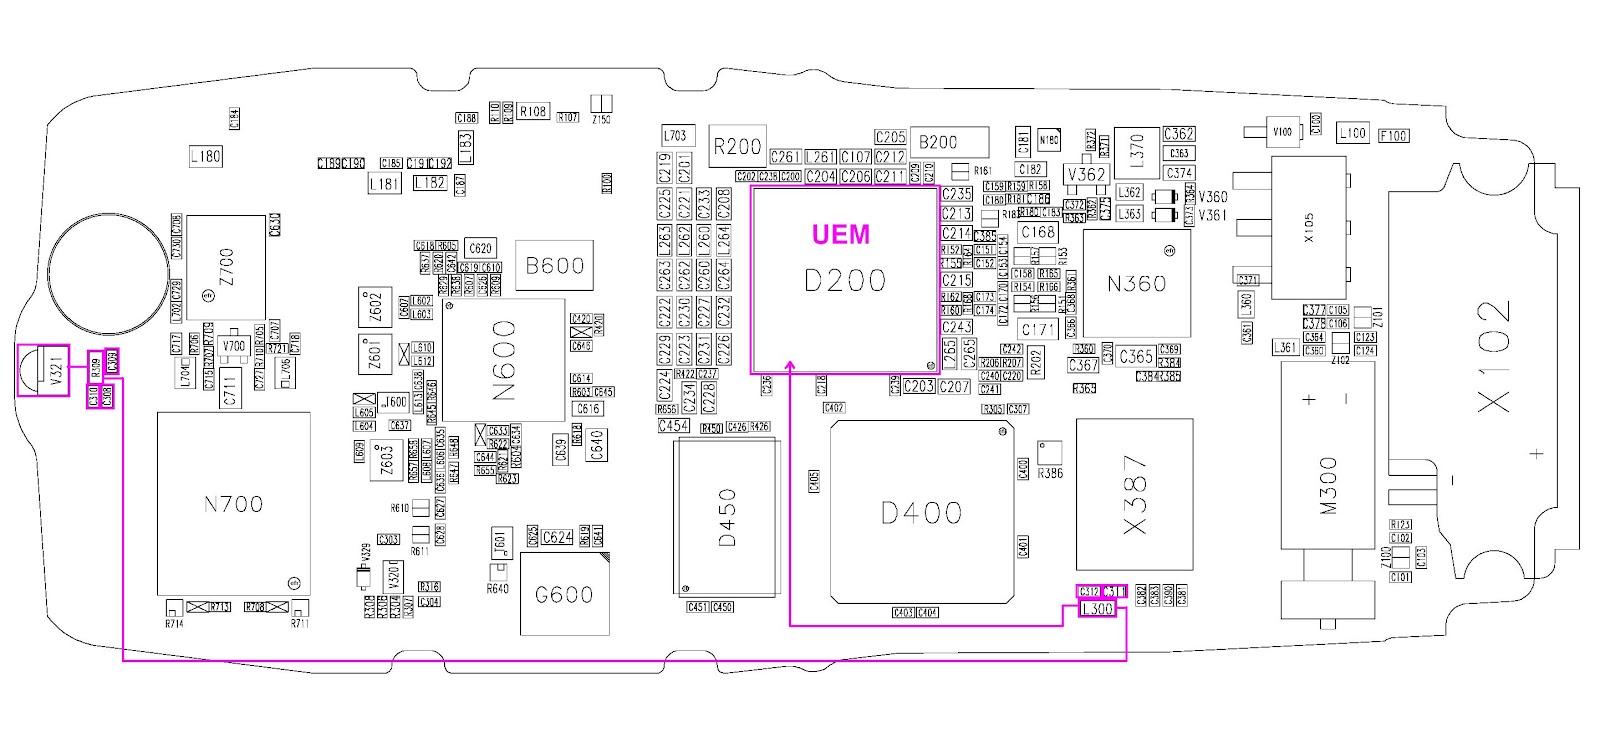 medium resolution of circuit diagram nokia 1100 wiring diagram mega circuit diagram nokia 1100